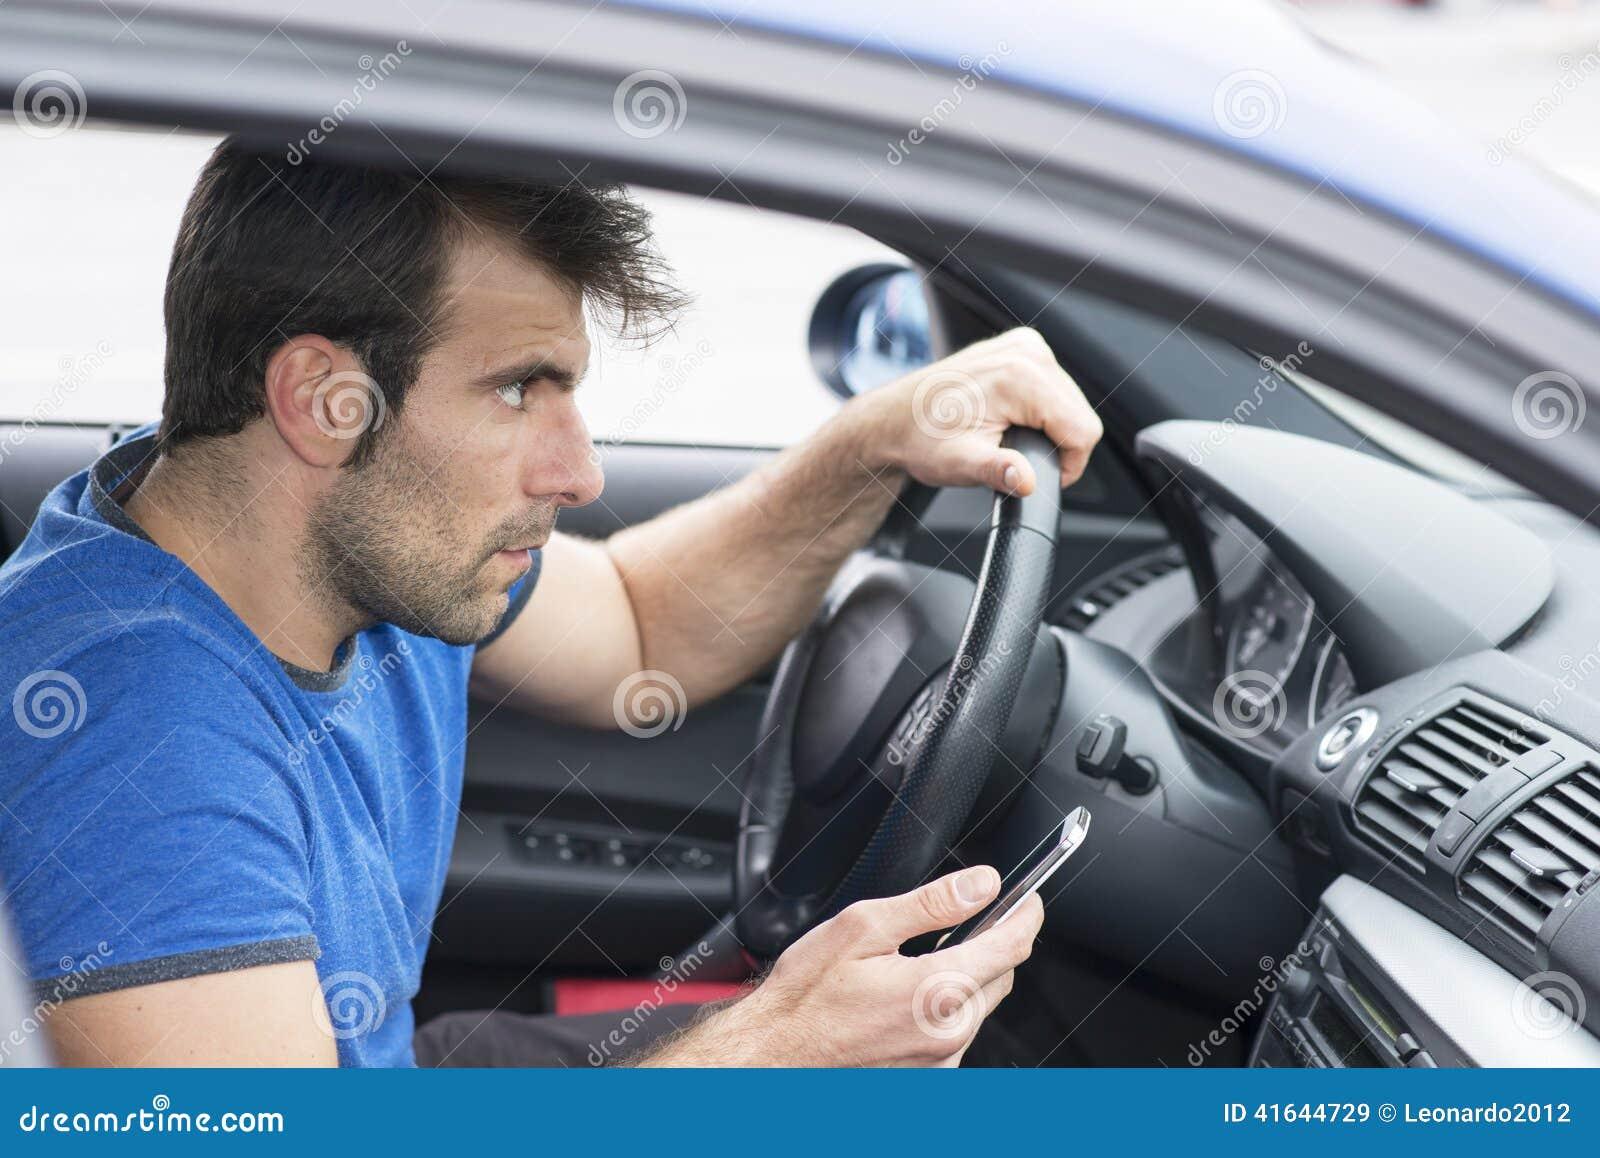 Equipe a condução do carro e guardar o telefone, conce perigoso